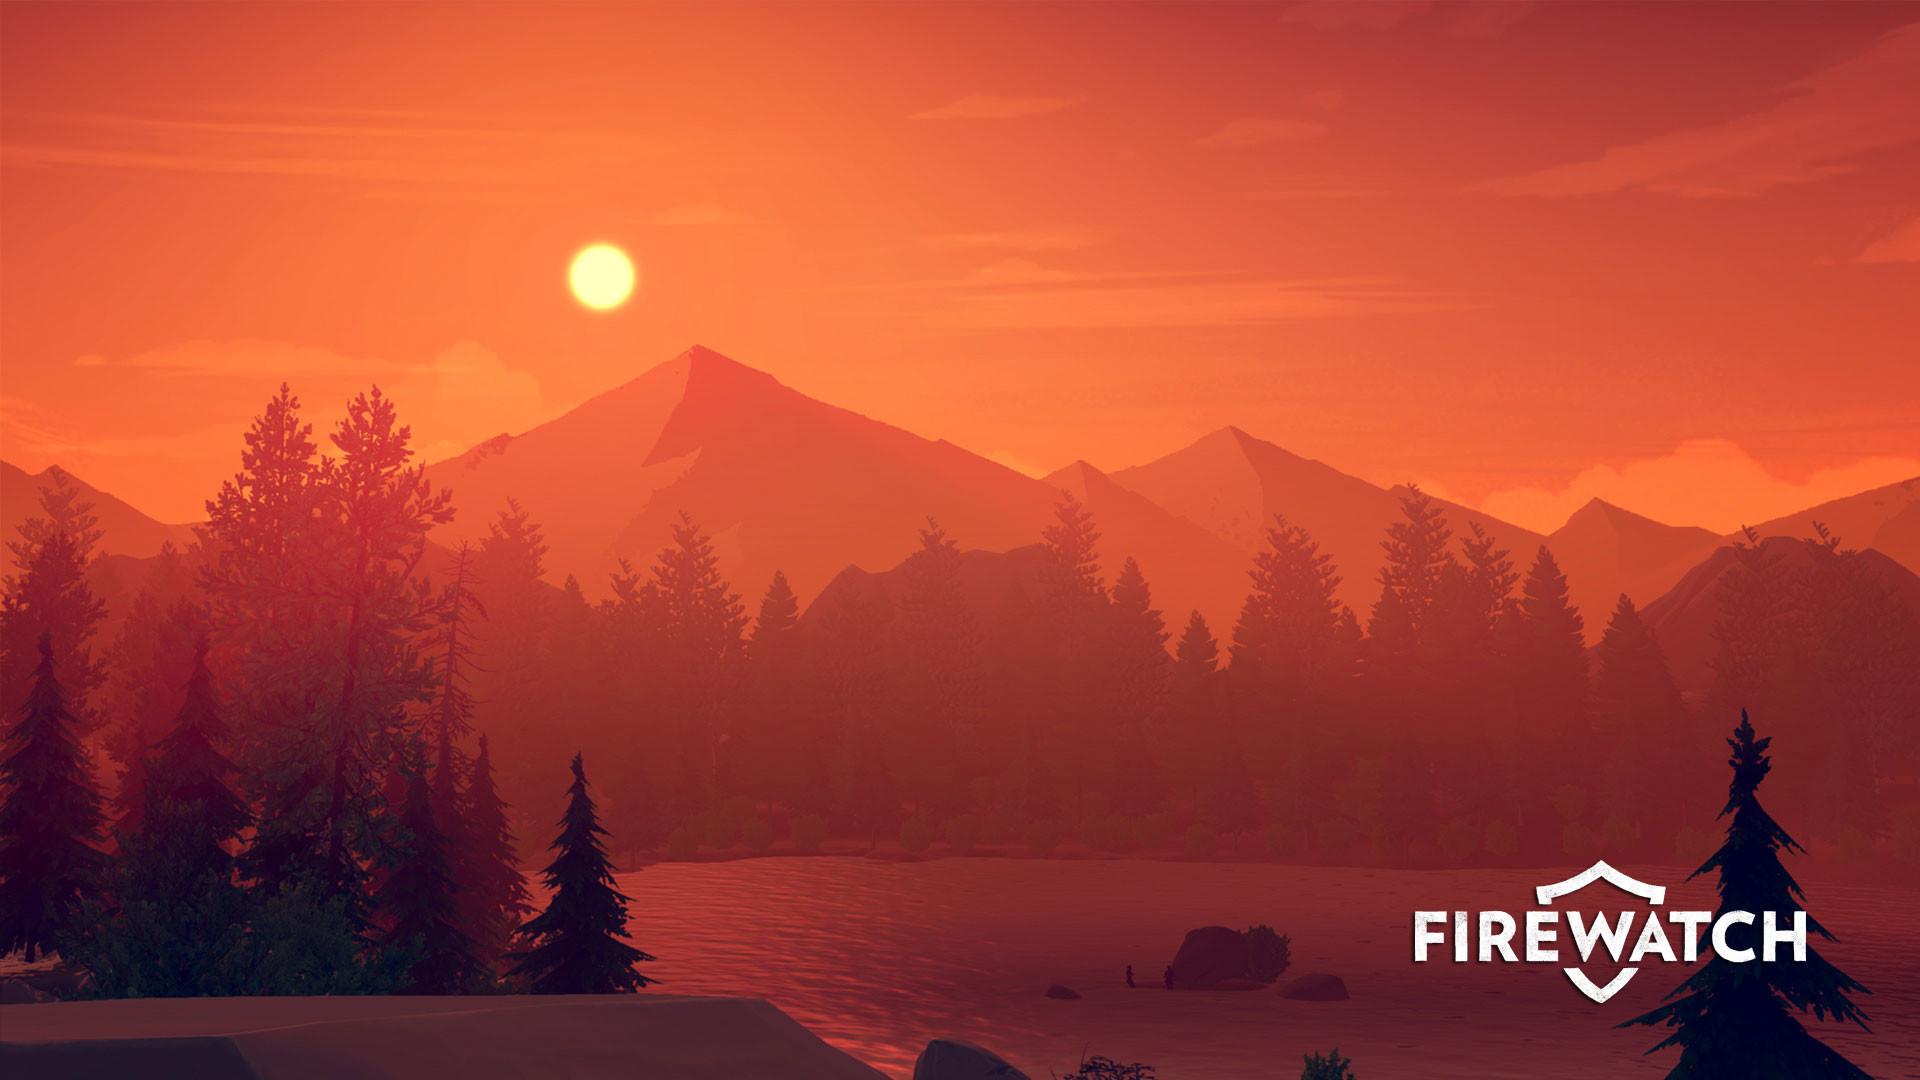 Firewatch 4K Wallpaper | Firewatch 1080p Wallpaper …